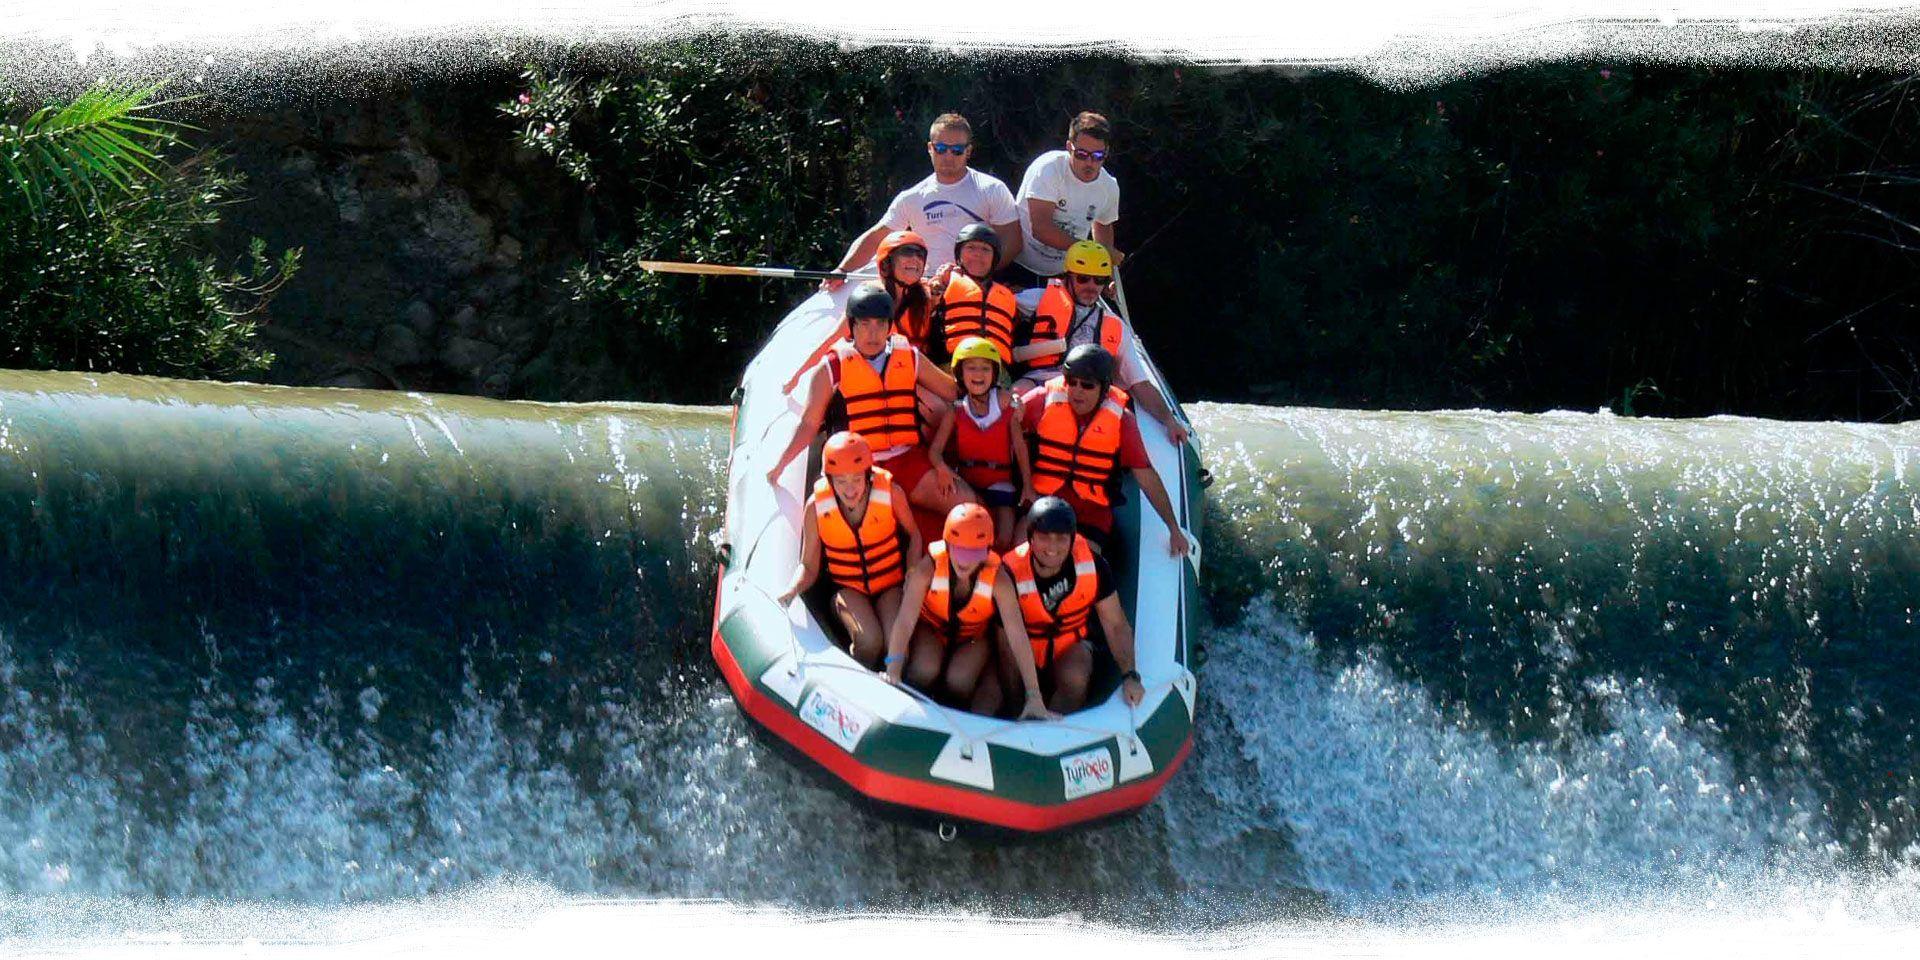 Rafting en Murcia Descenso y bajada del rio segura